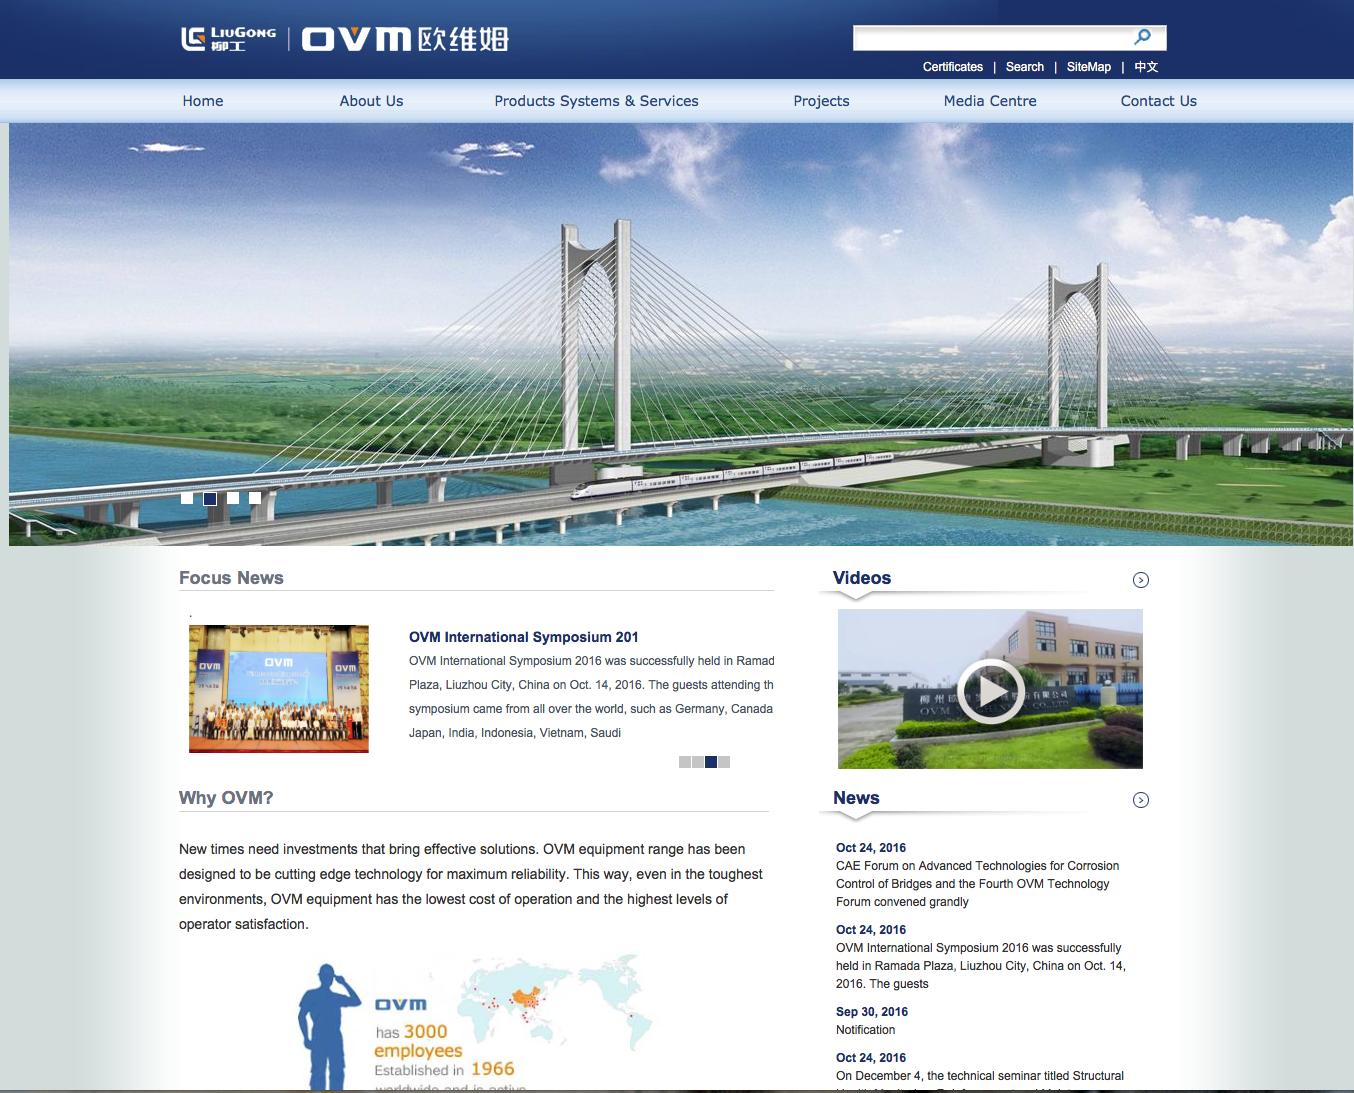 Korrektur einer Übersetzung für OVM International